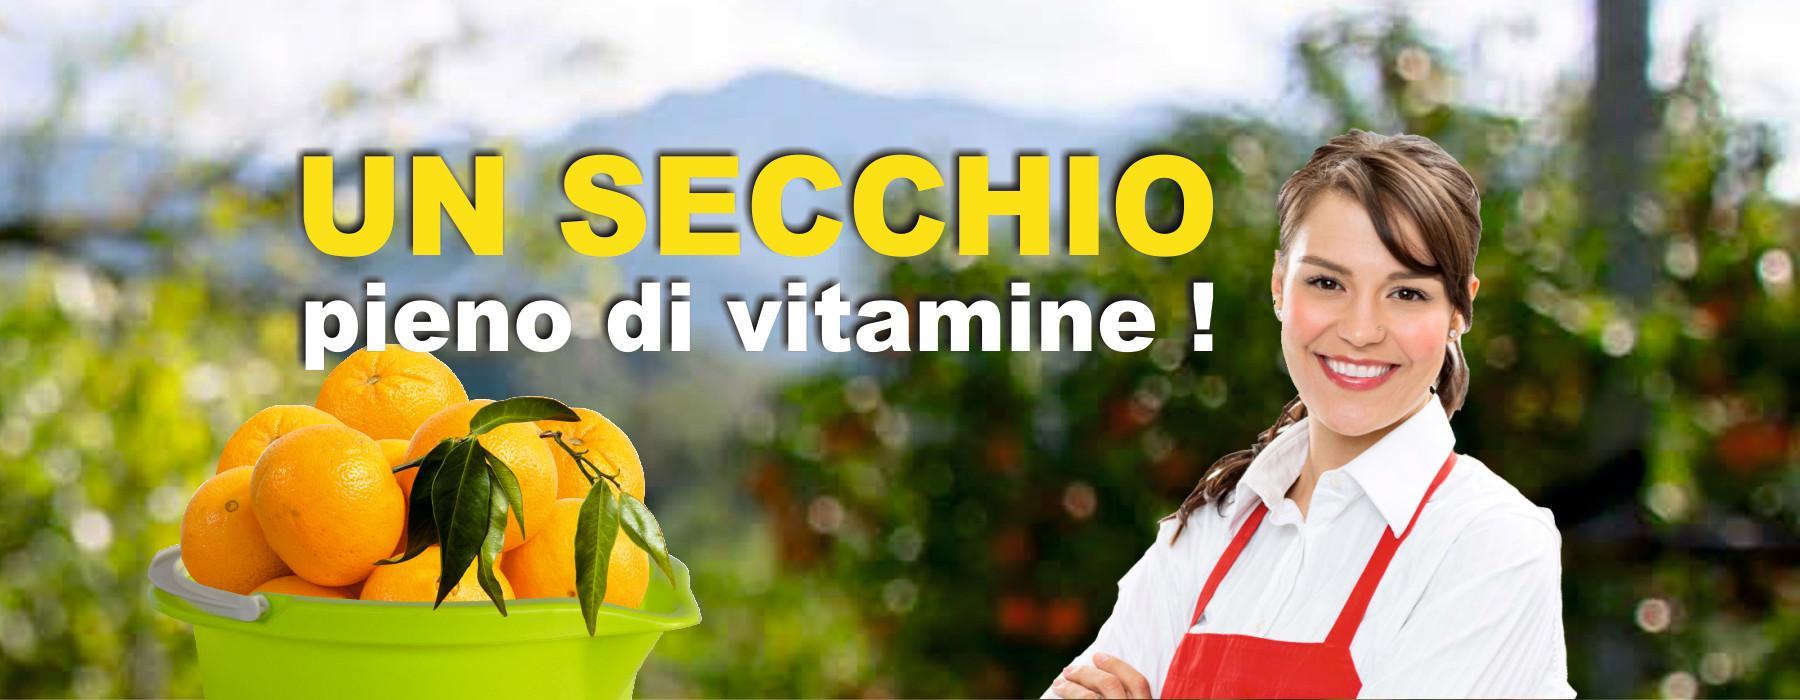 Un secchio pieno di vitamine 2021